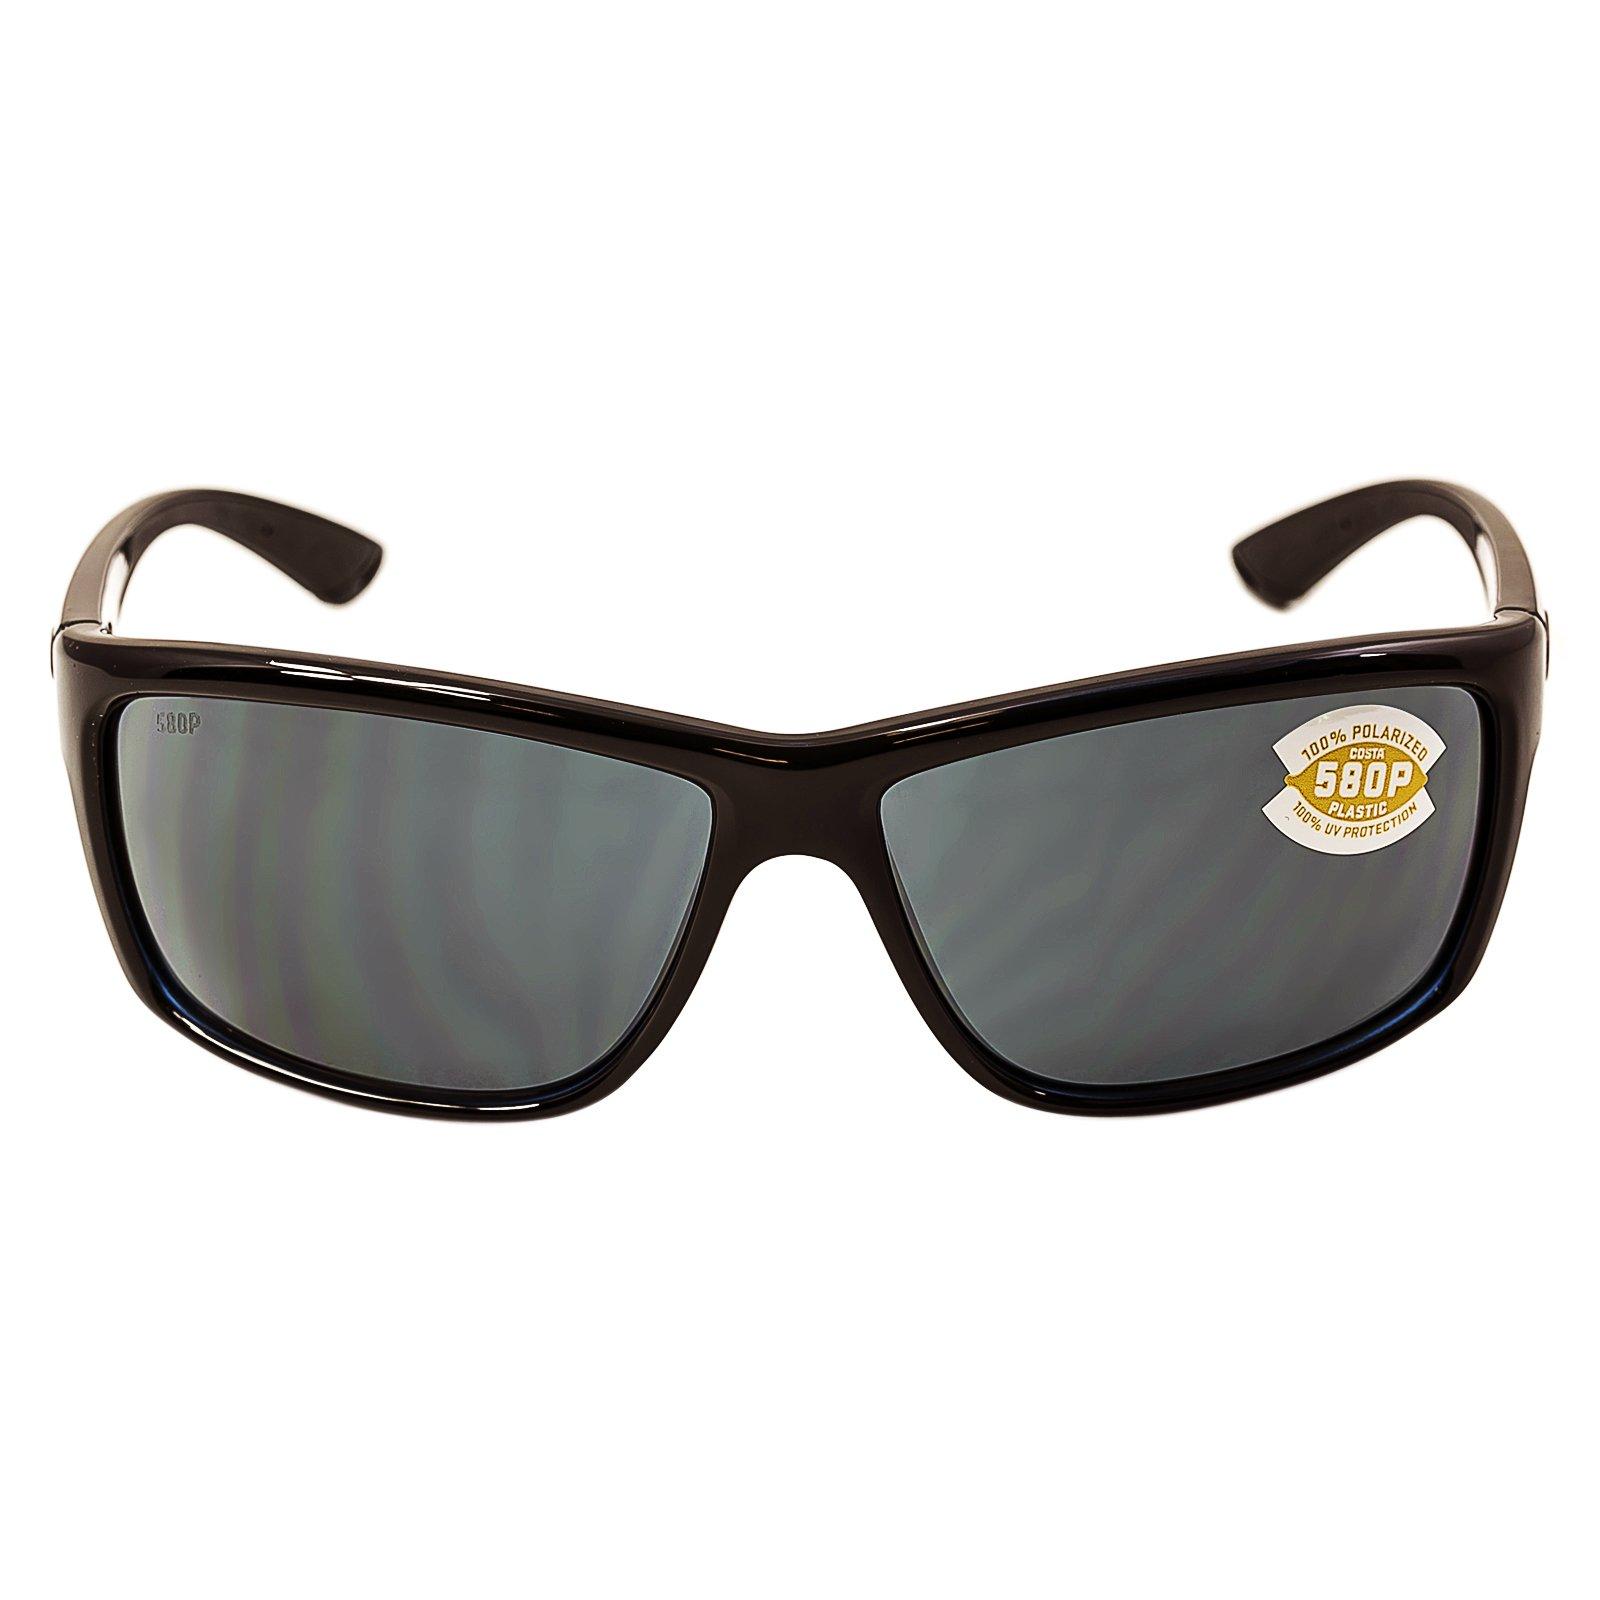 Costa Del Mar Mag Bay Sunglasses, Shiny Black, Gray 580P Lens